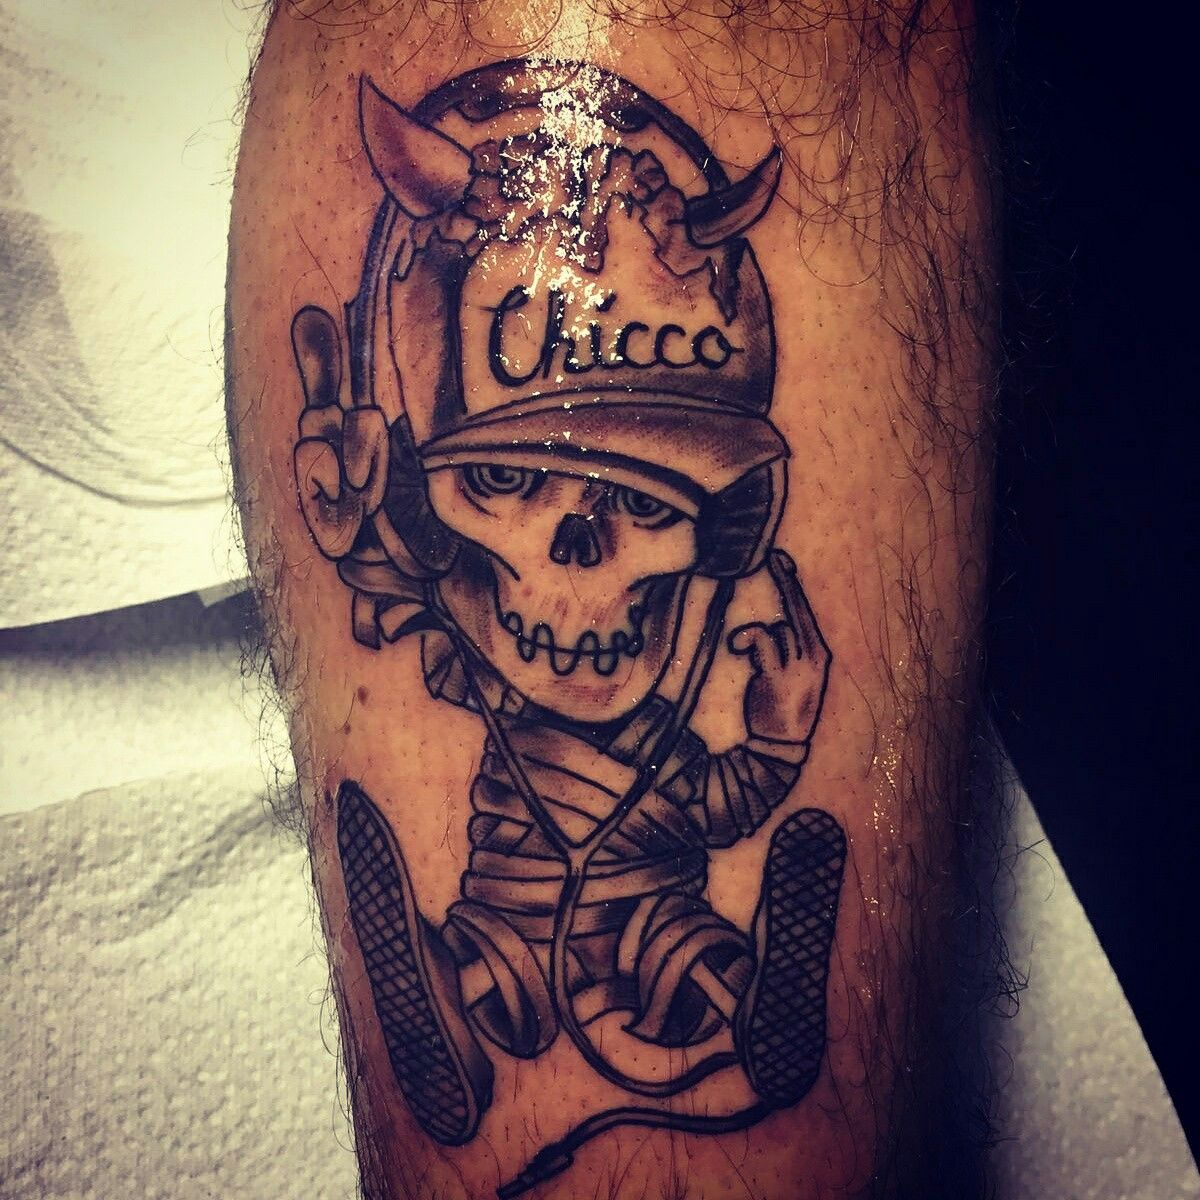 Pin by Francesco Meloni on tattoos Pinterest Tattoo